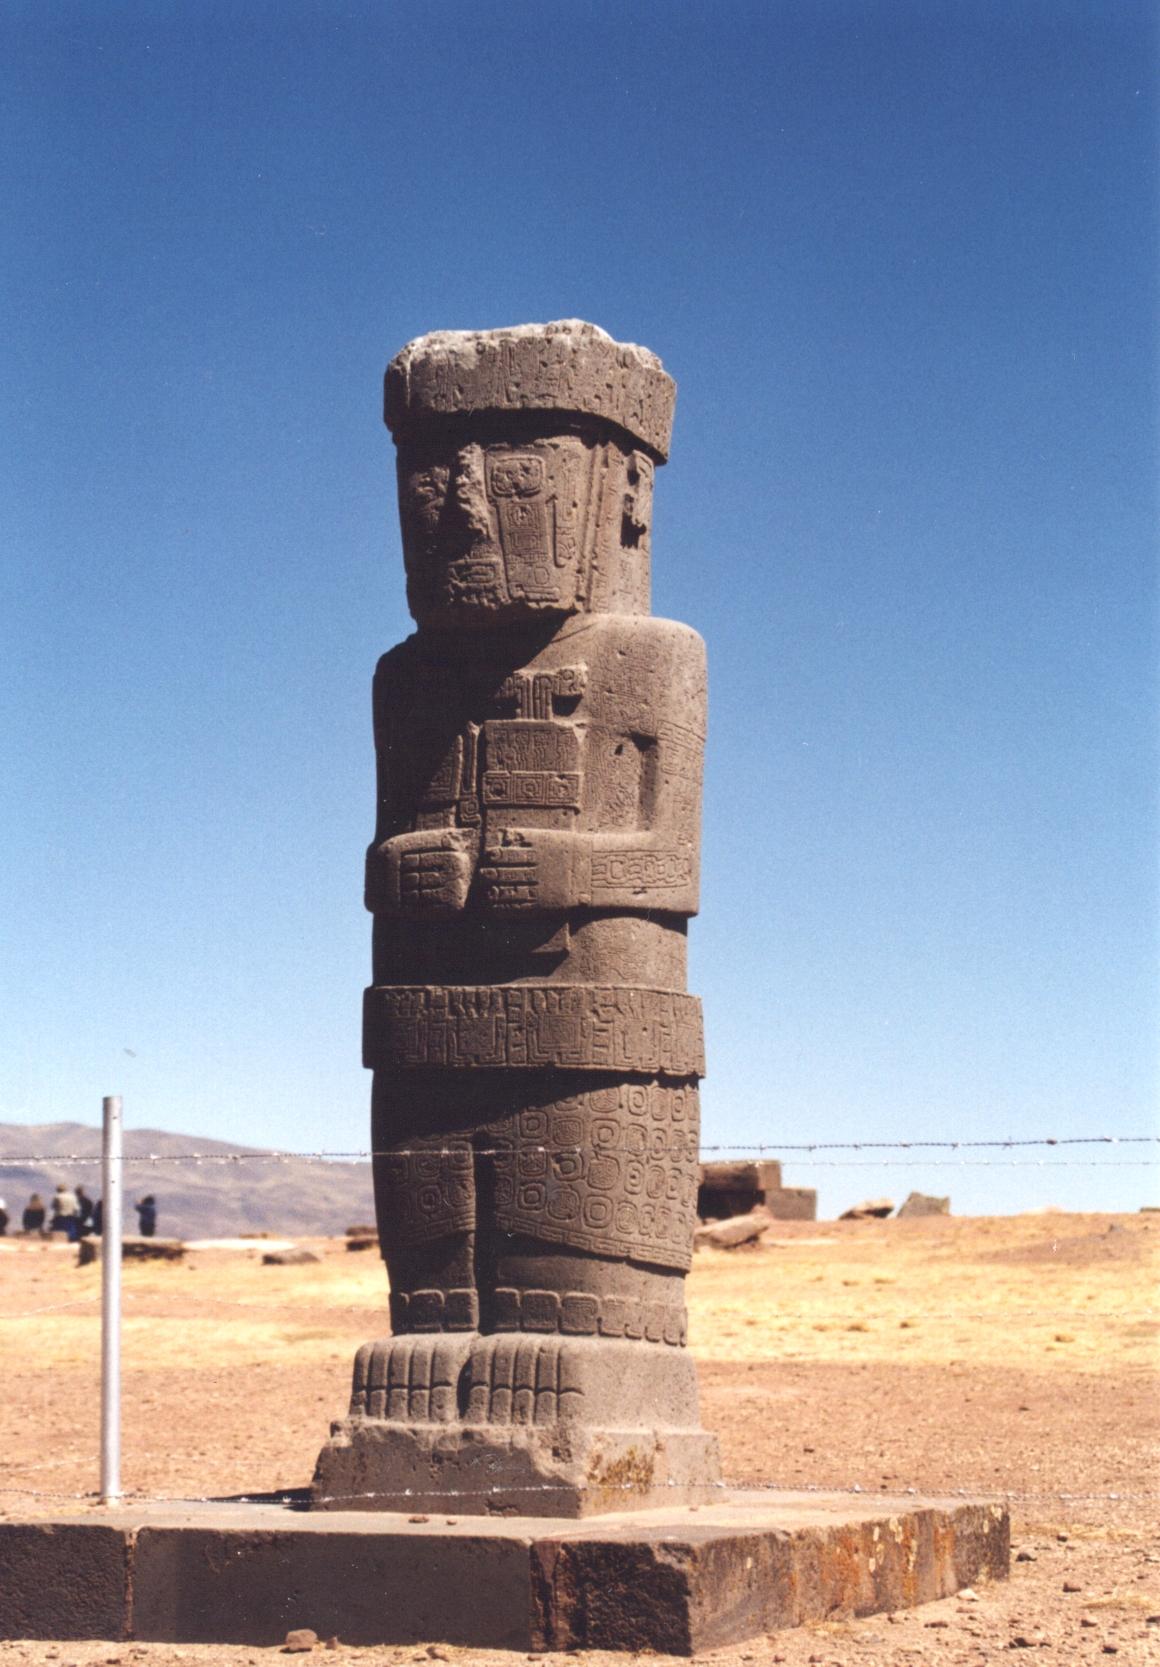 069-03-800px-Tiwanaku1